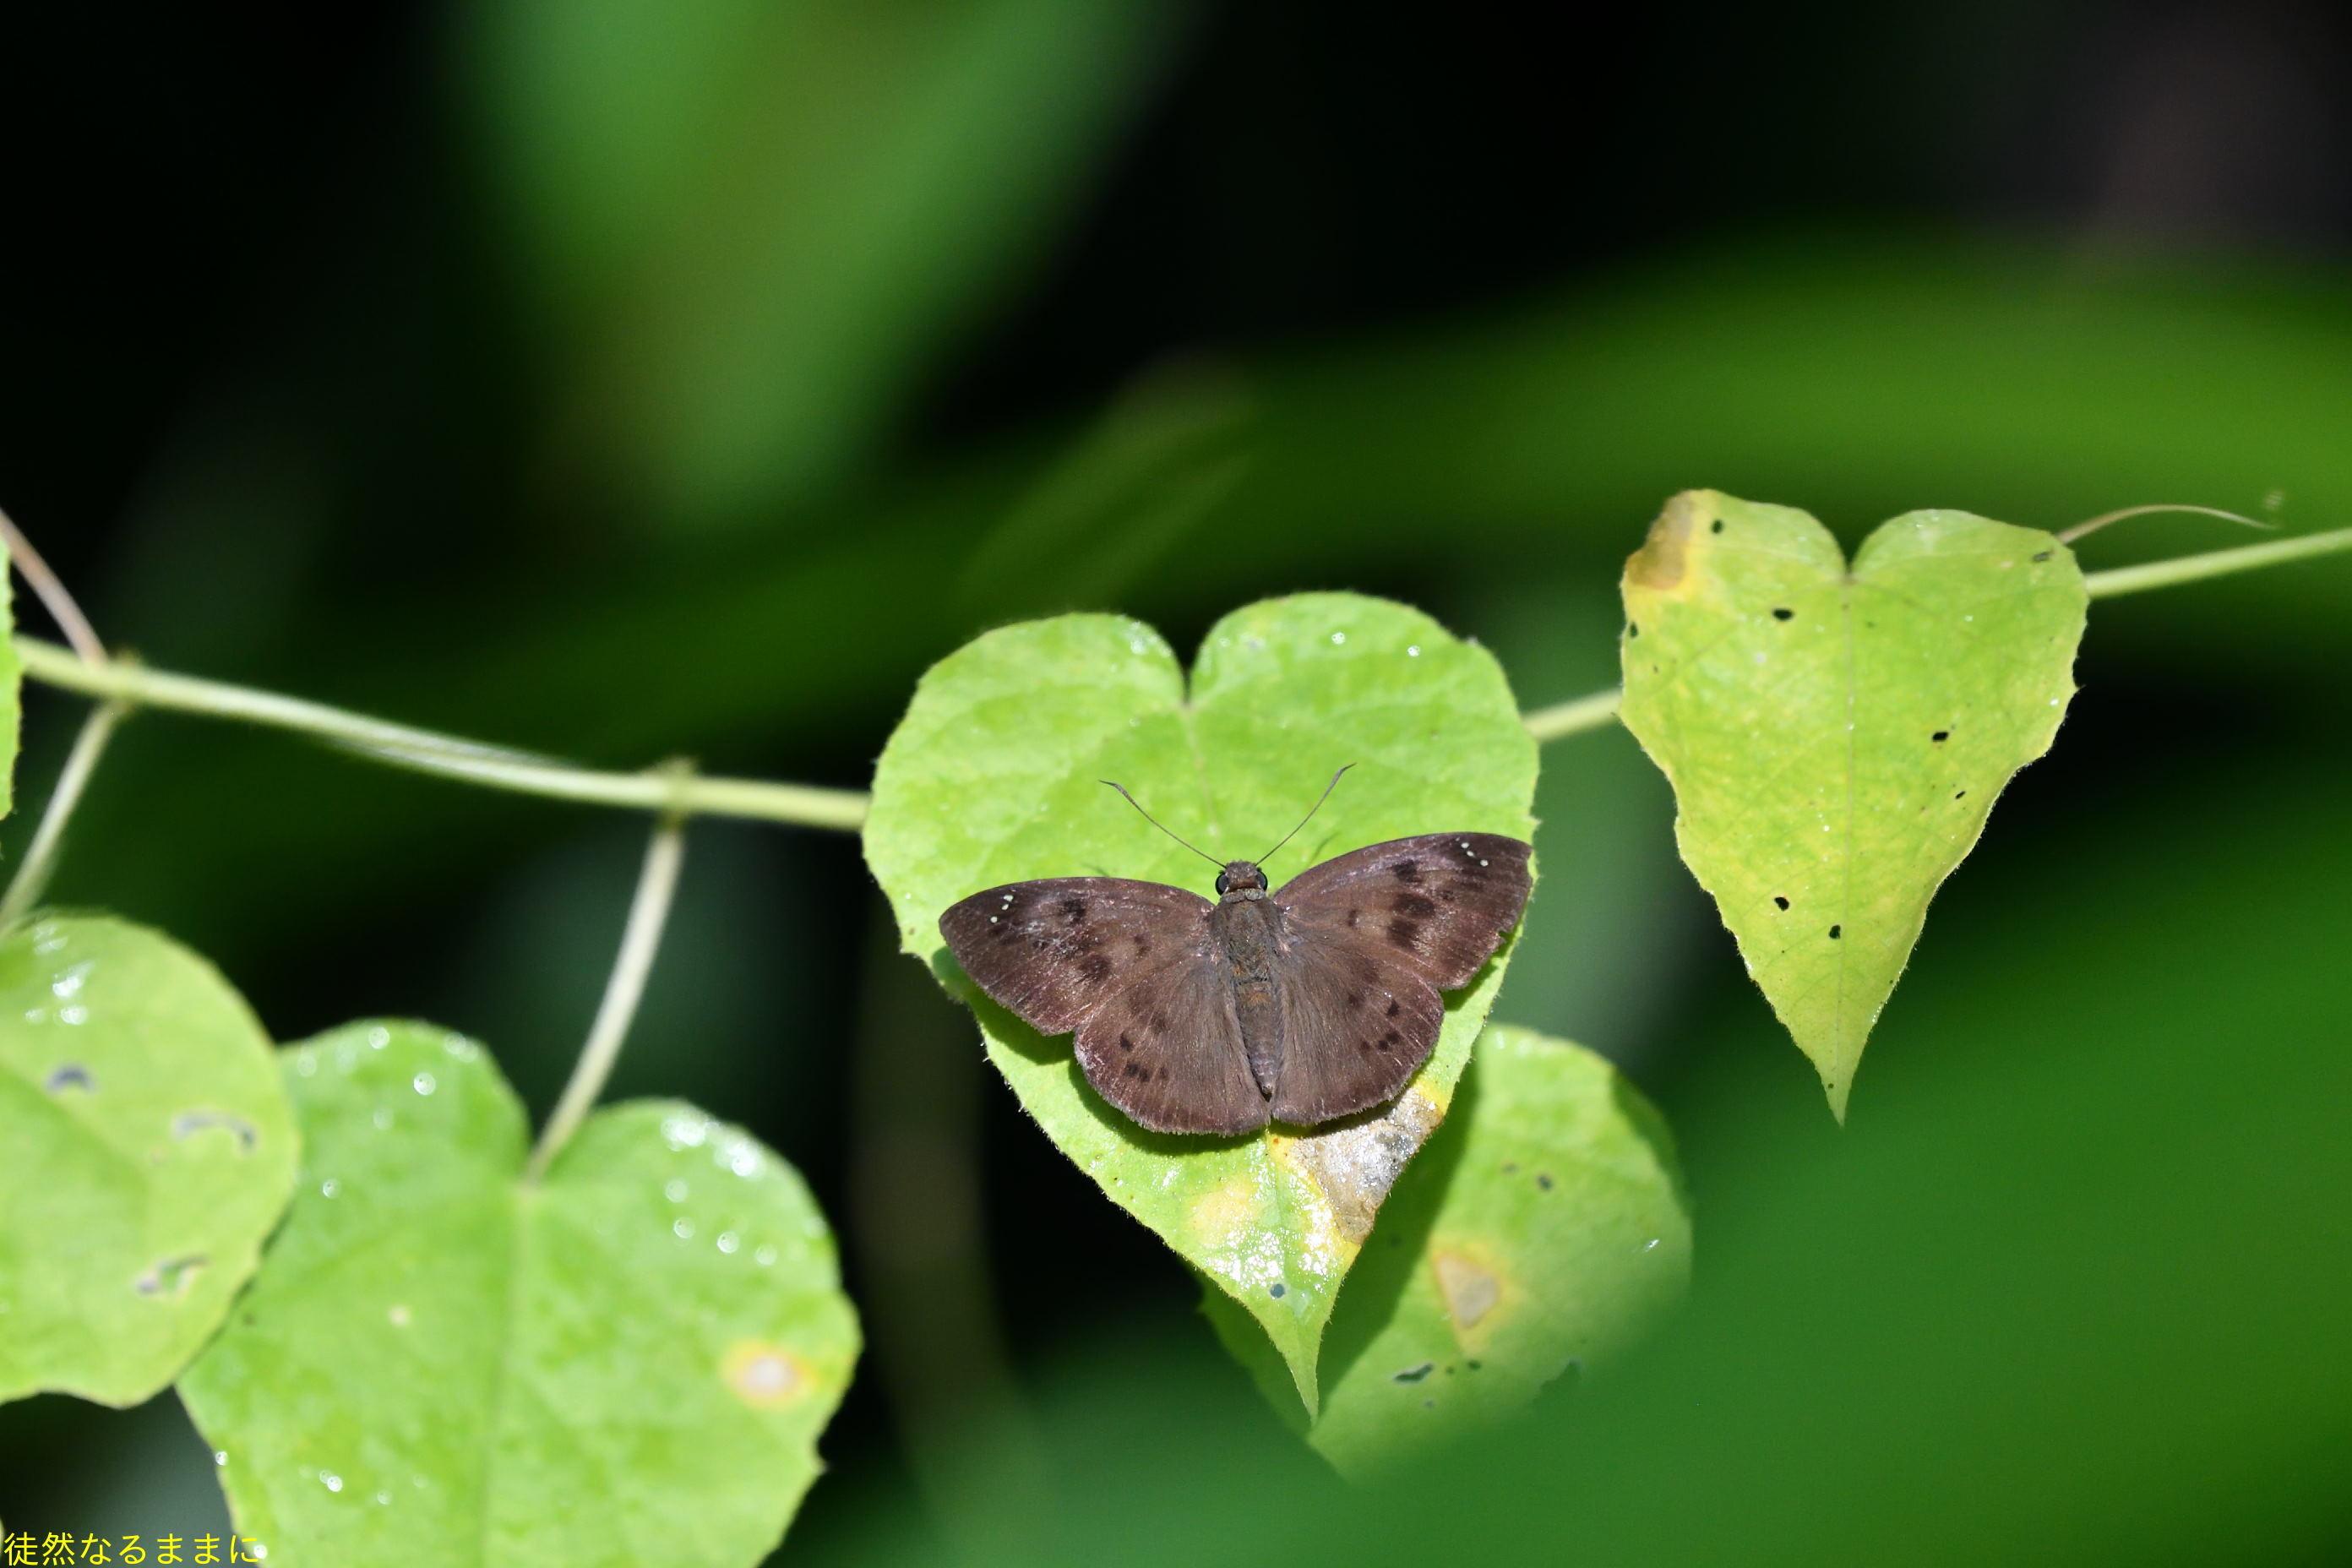 12月30日 AM ホテルの周りの蝶たち inランカウイ島_d0285540_07303072.jpg